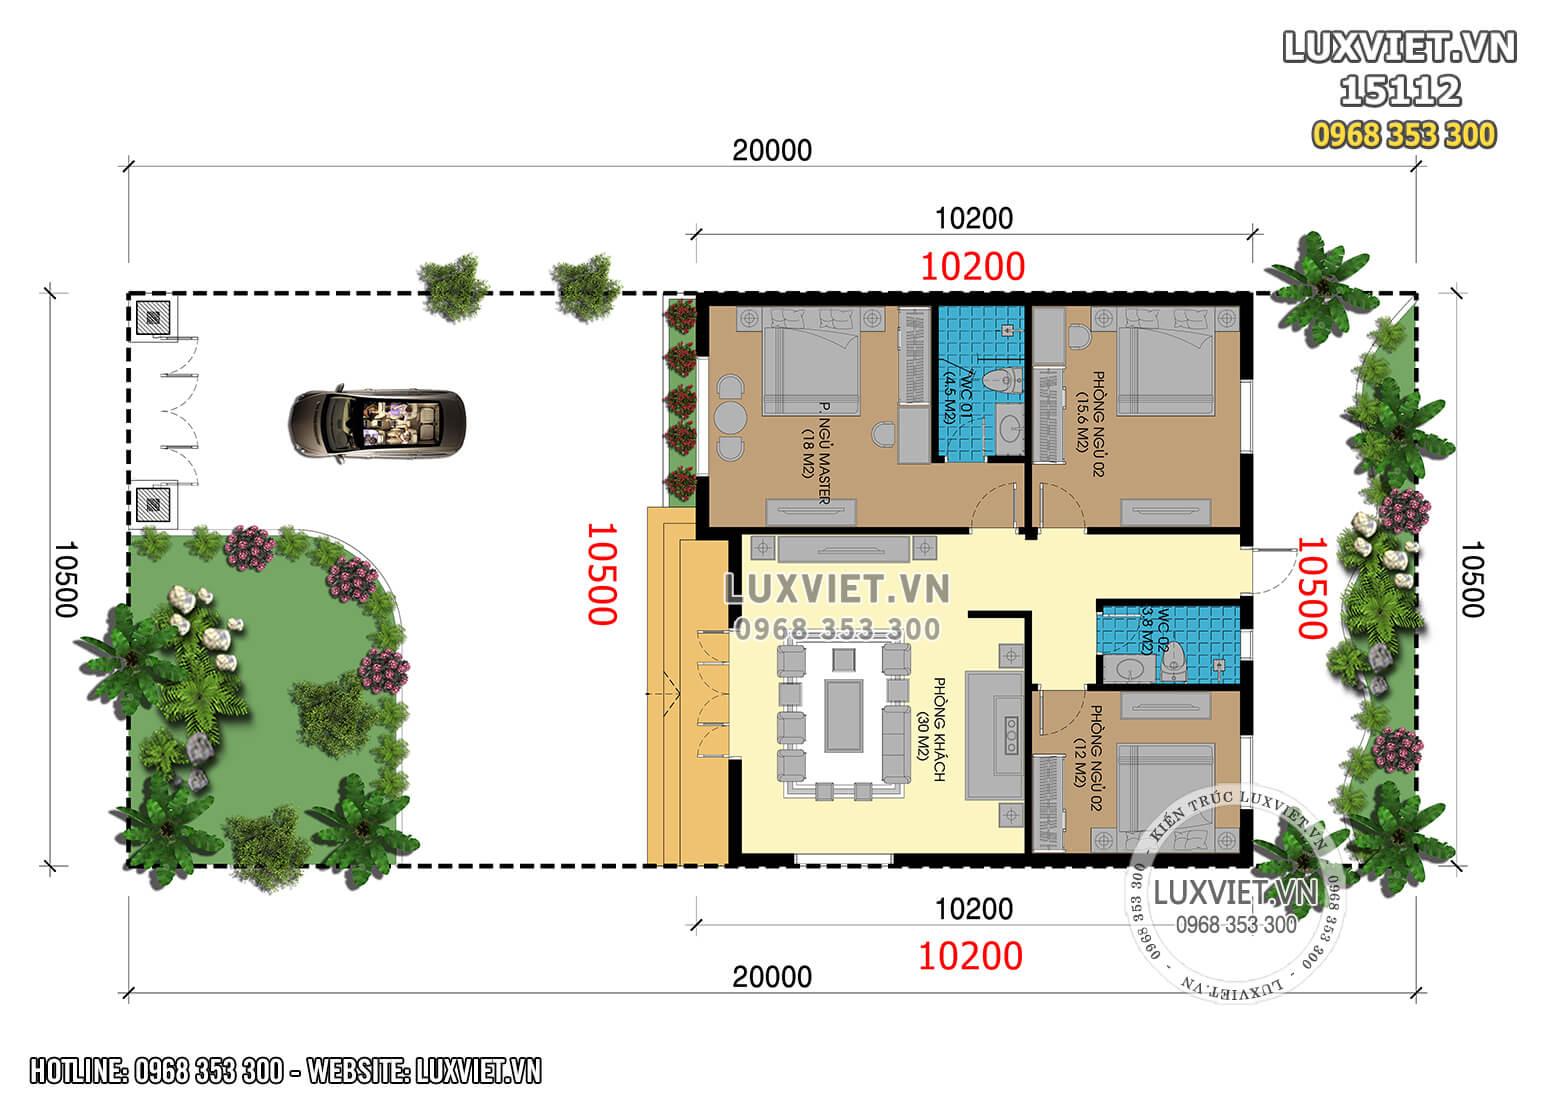 Hình ảnh: Phương án mặt bằng công năng nhà 1 tầng hiện đại - LV 15112